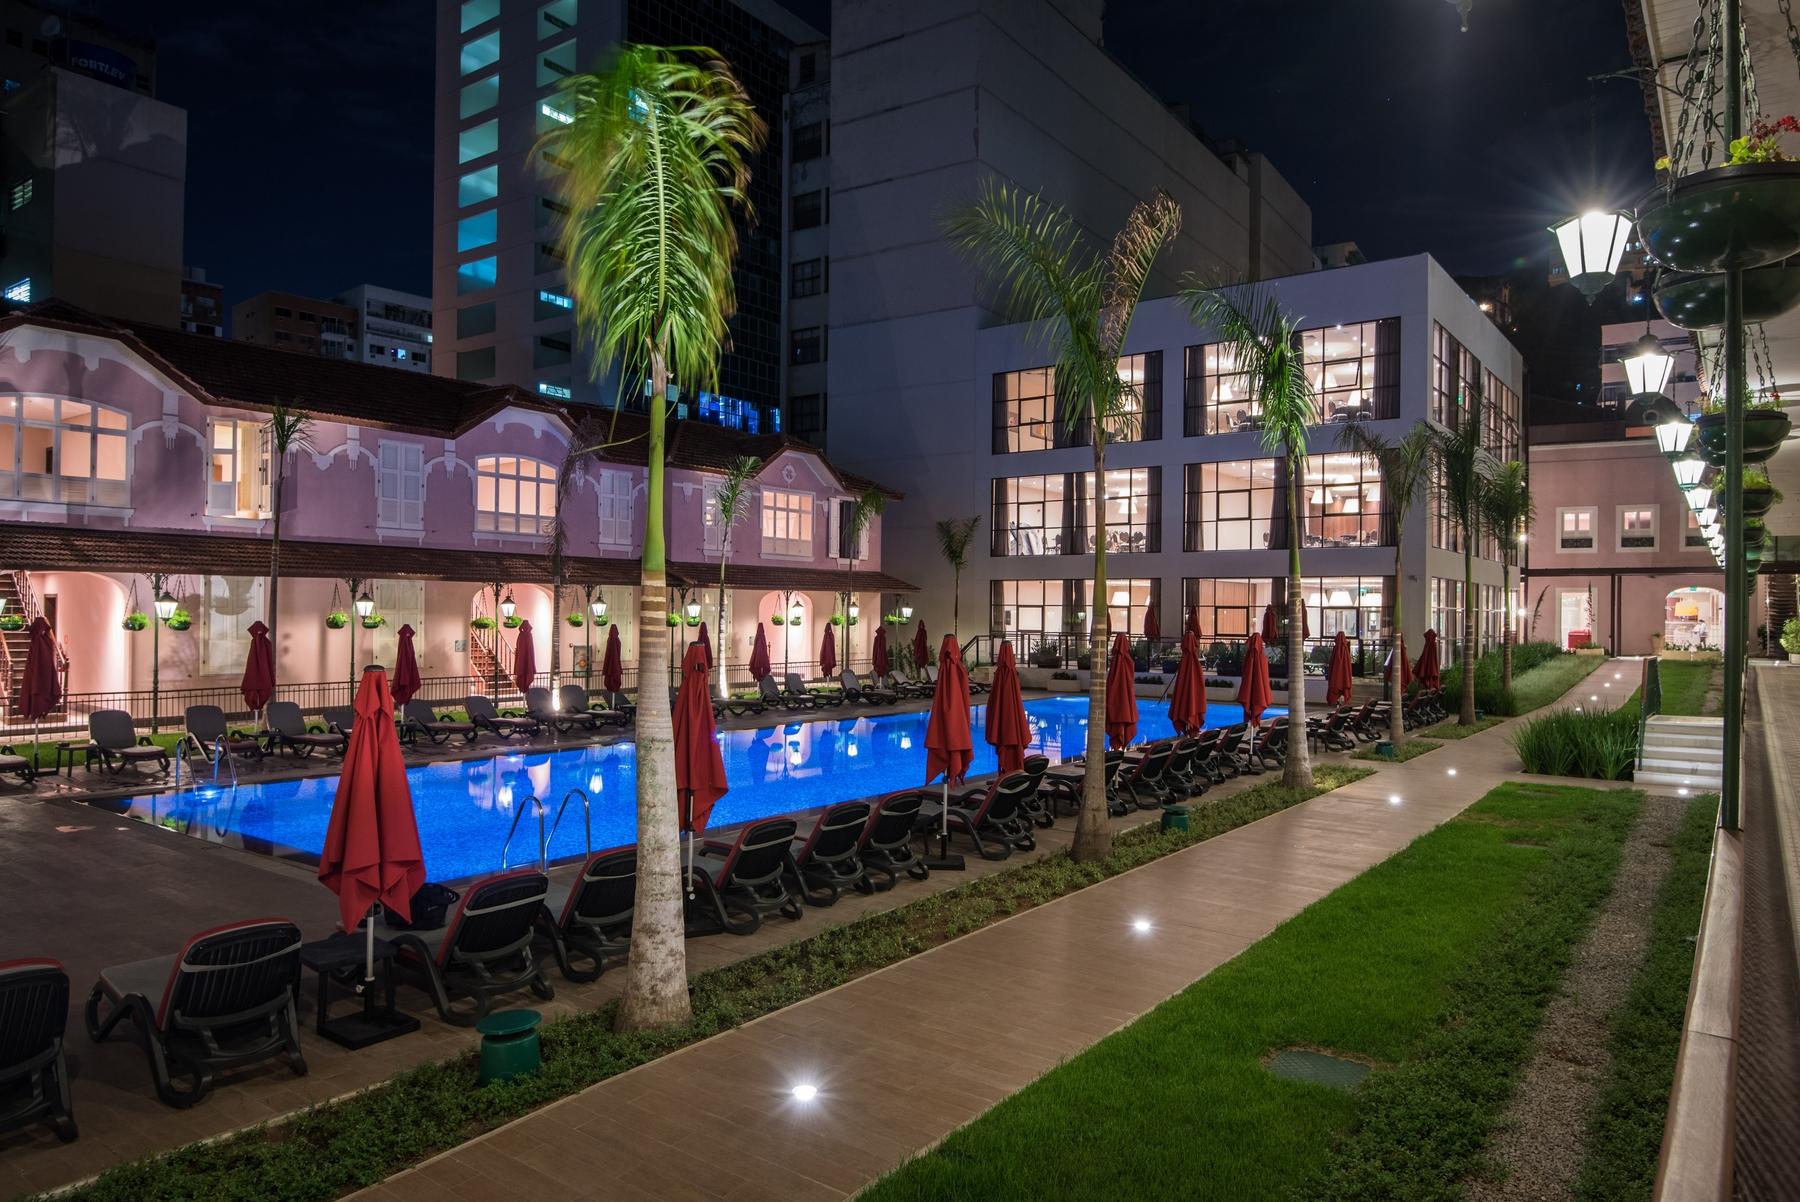 Vila Galé Rio de Janeiro - Melhores hotéis para viagem de negócios